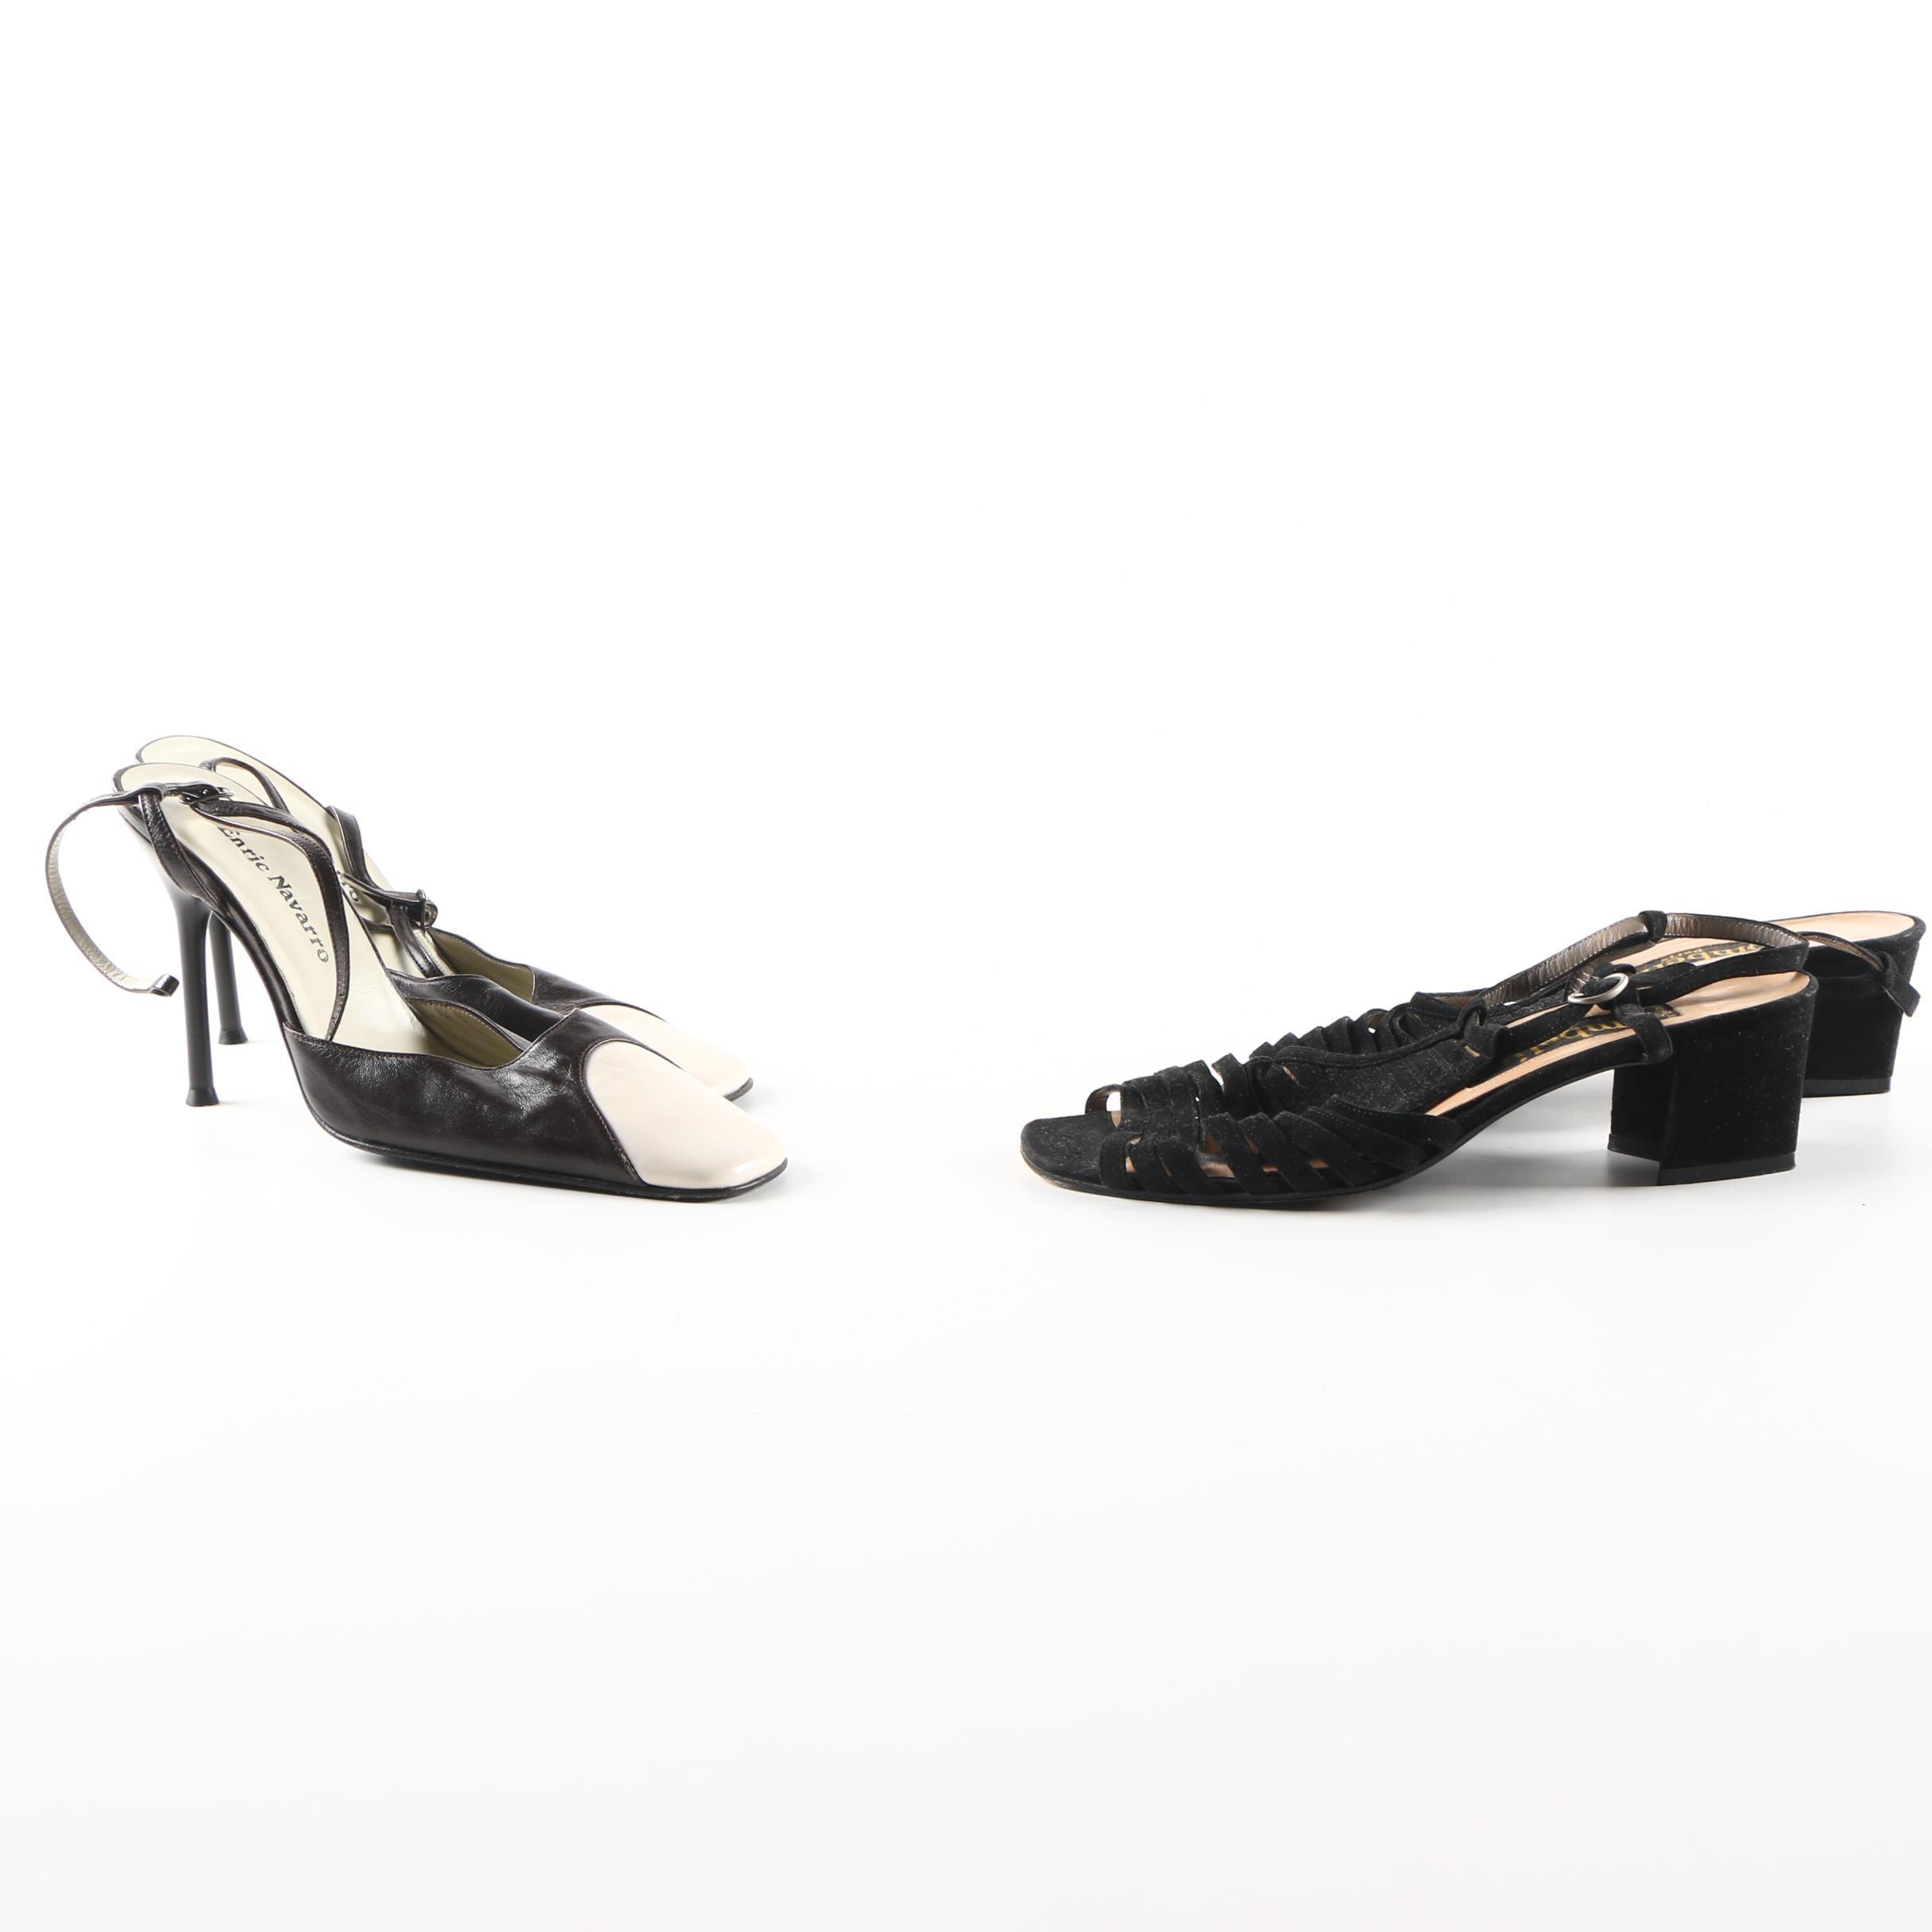 Women's Shoes Including Ombeline Paris